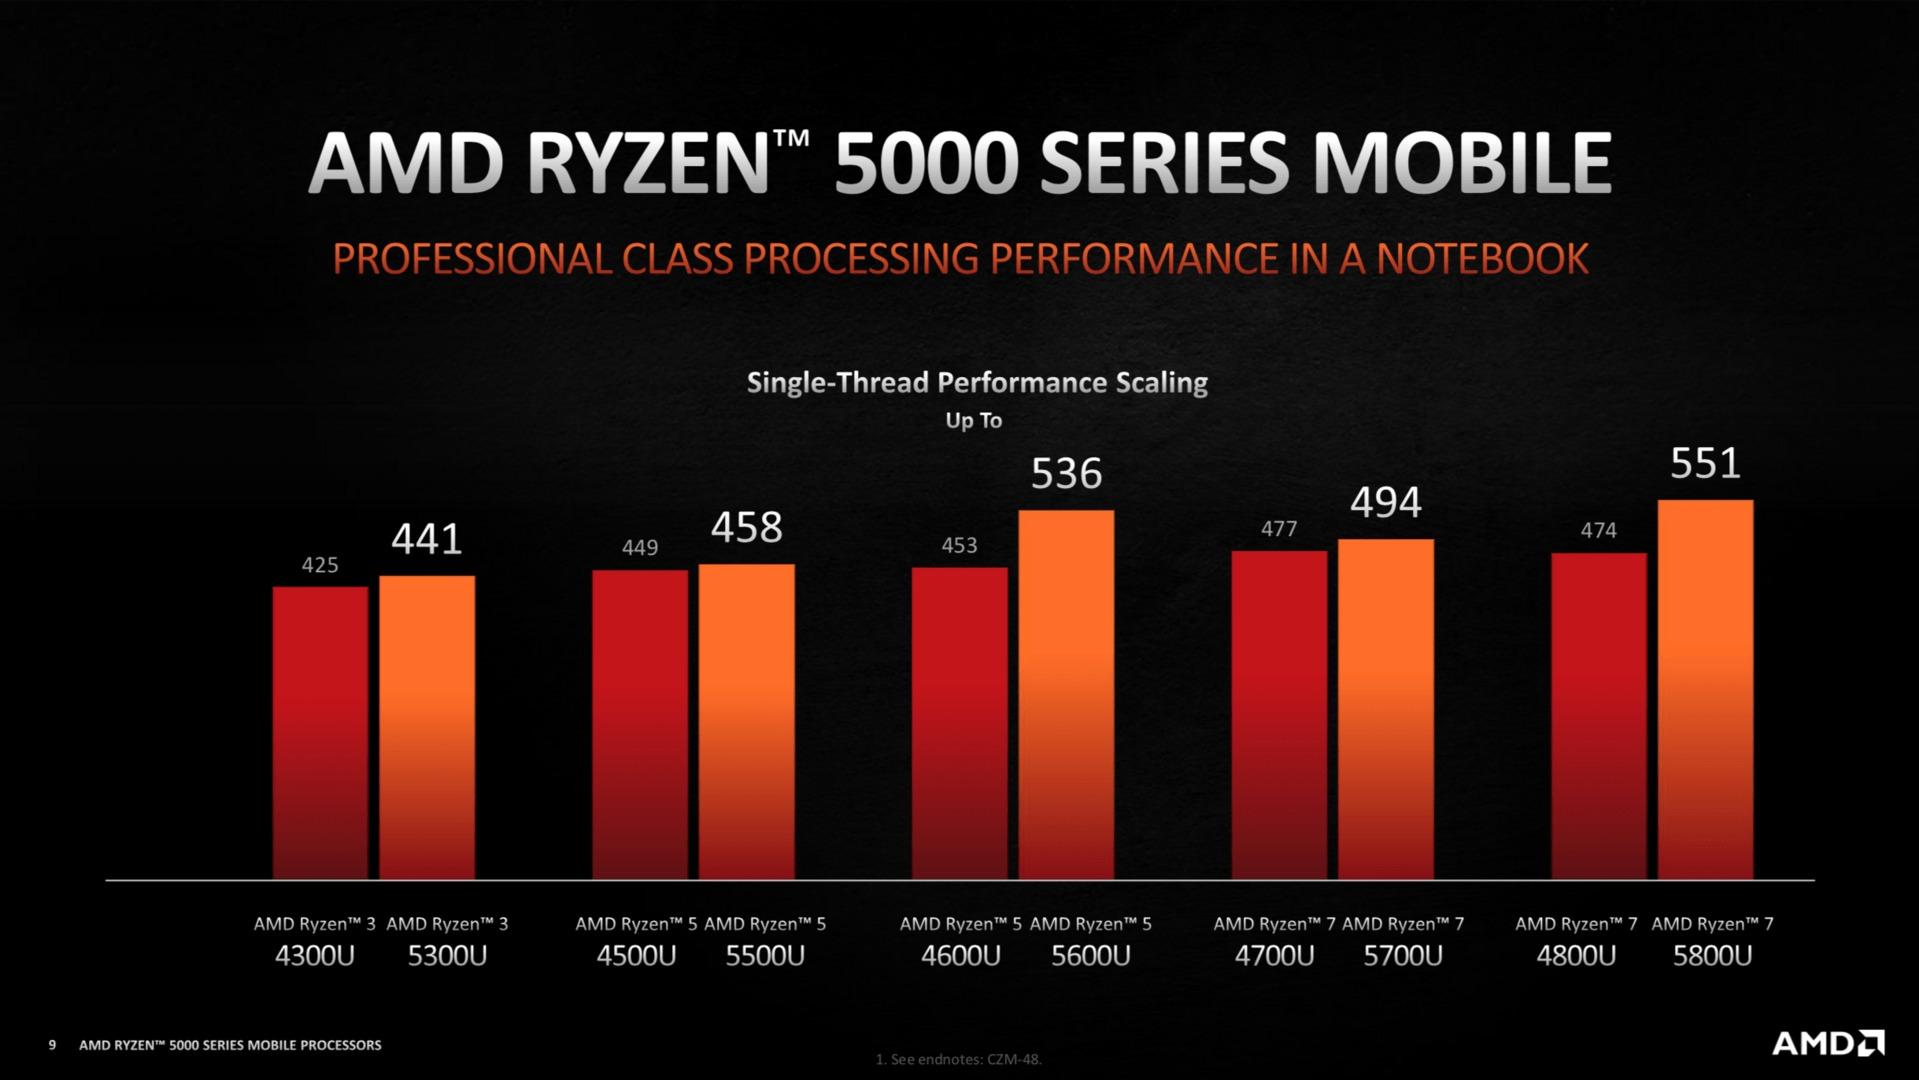 Mejora del rendimiento de AMD Ryzen 5000U sobre AMD Ryzen 4000U